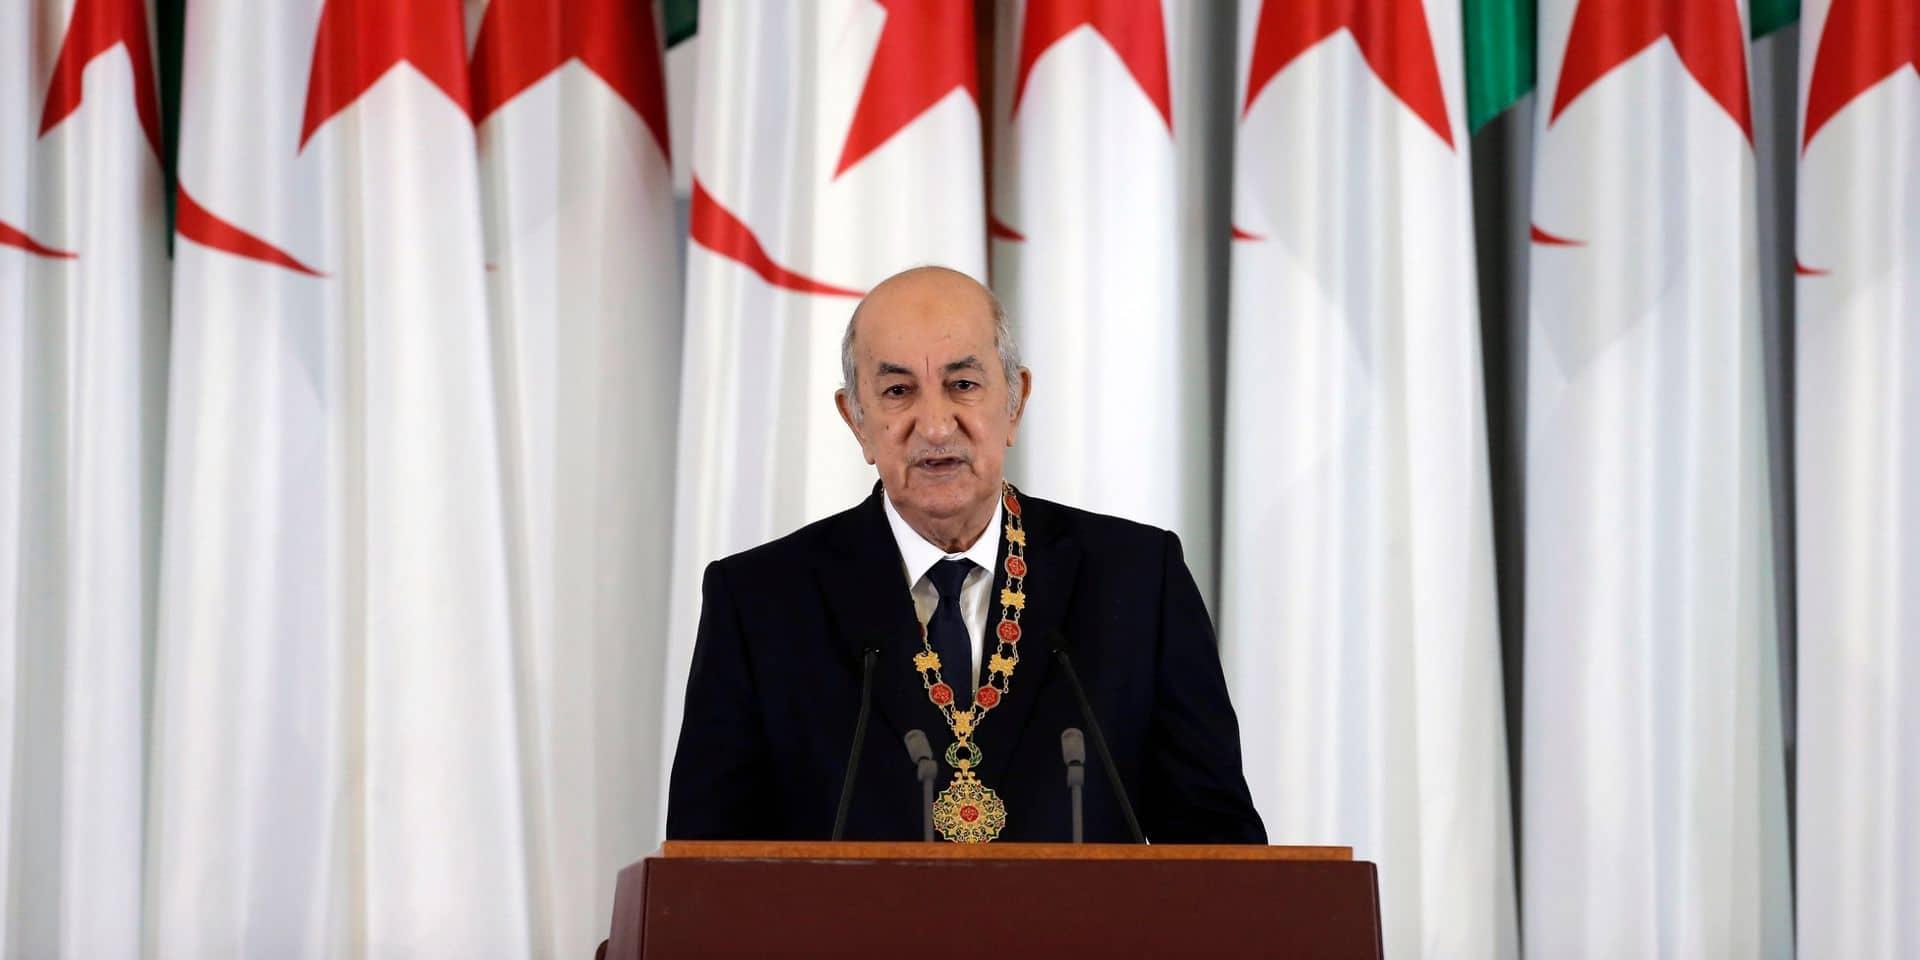 Le gouvernement algérien réduit de moitié le budget de fonctionnement de l'Etat